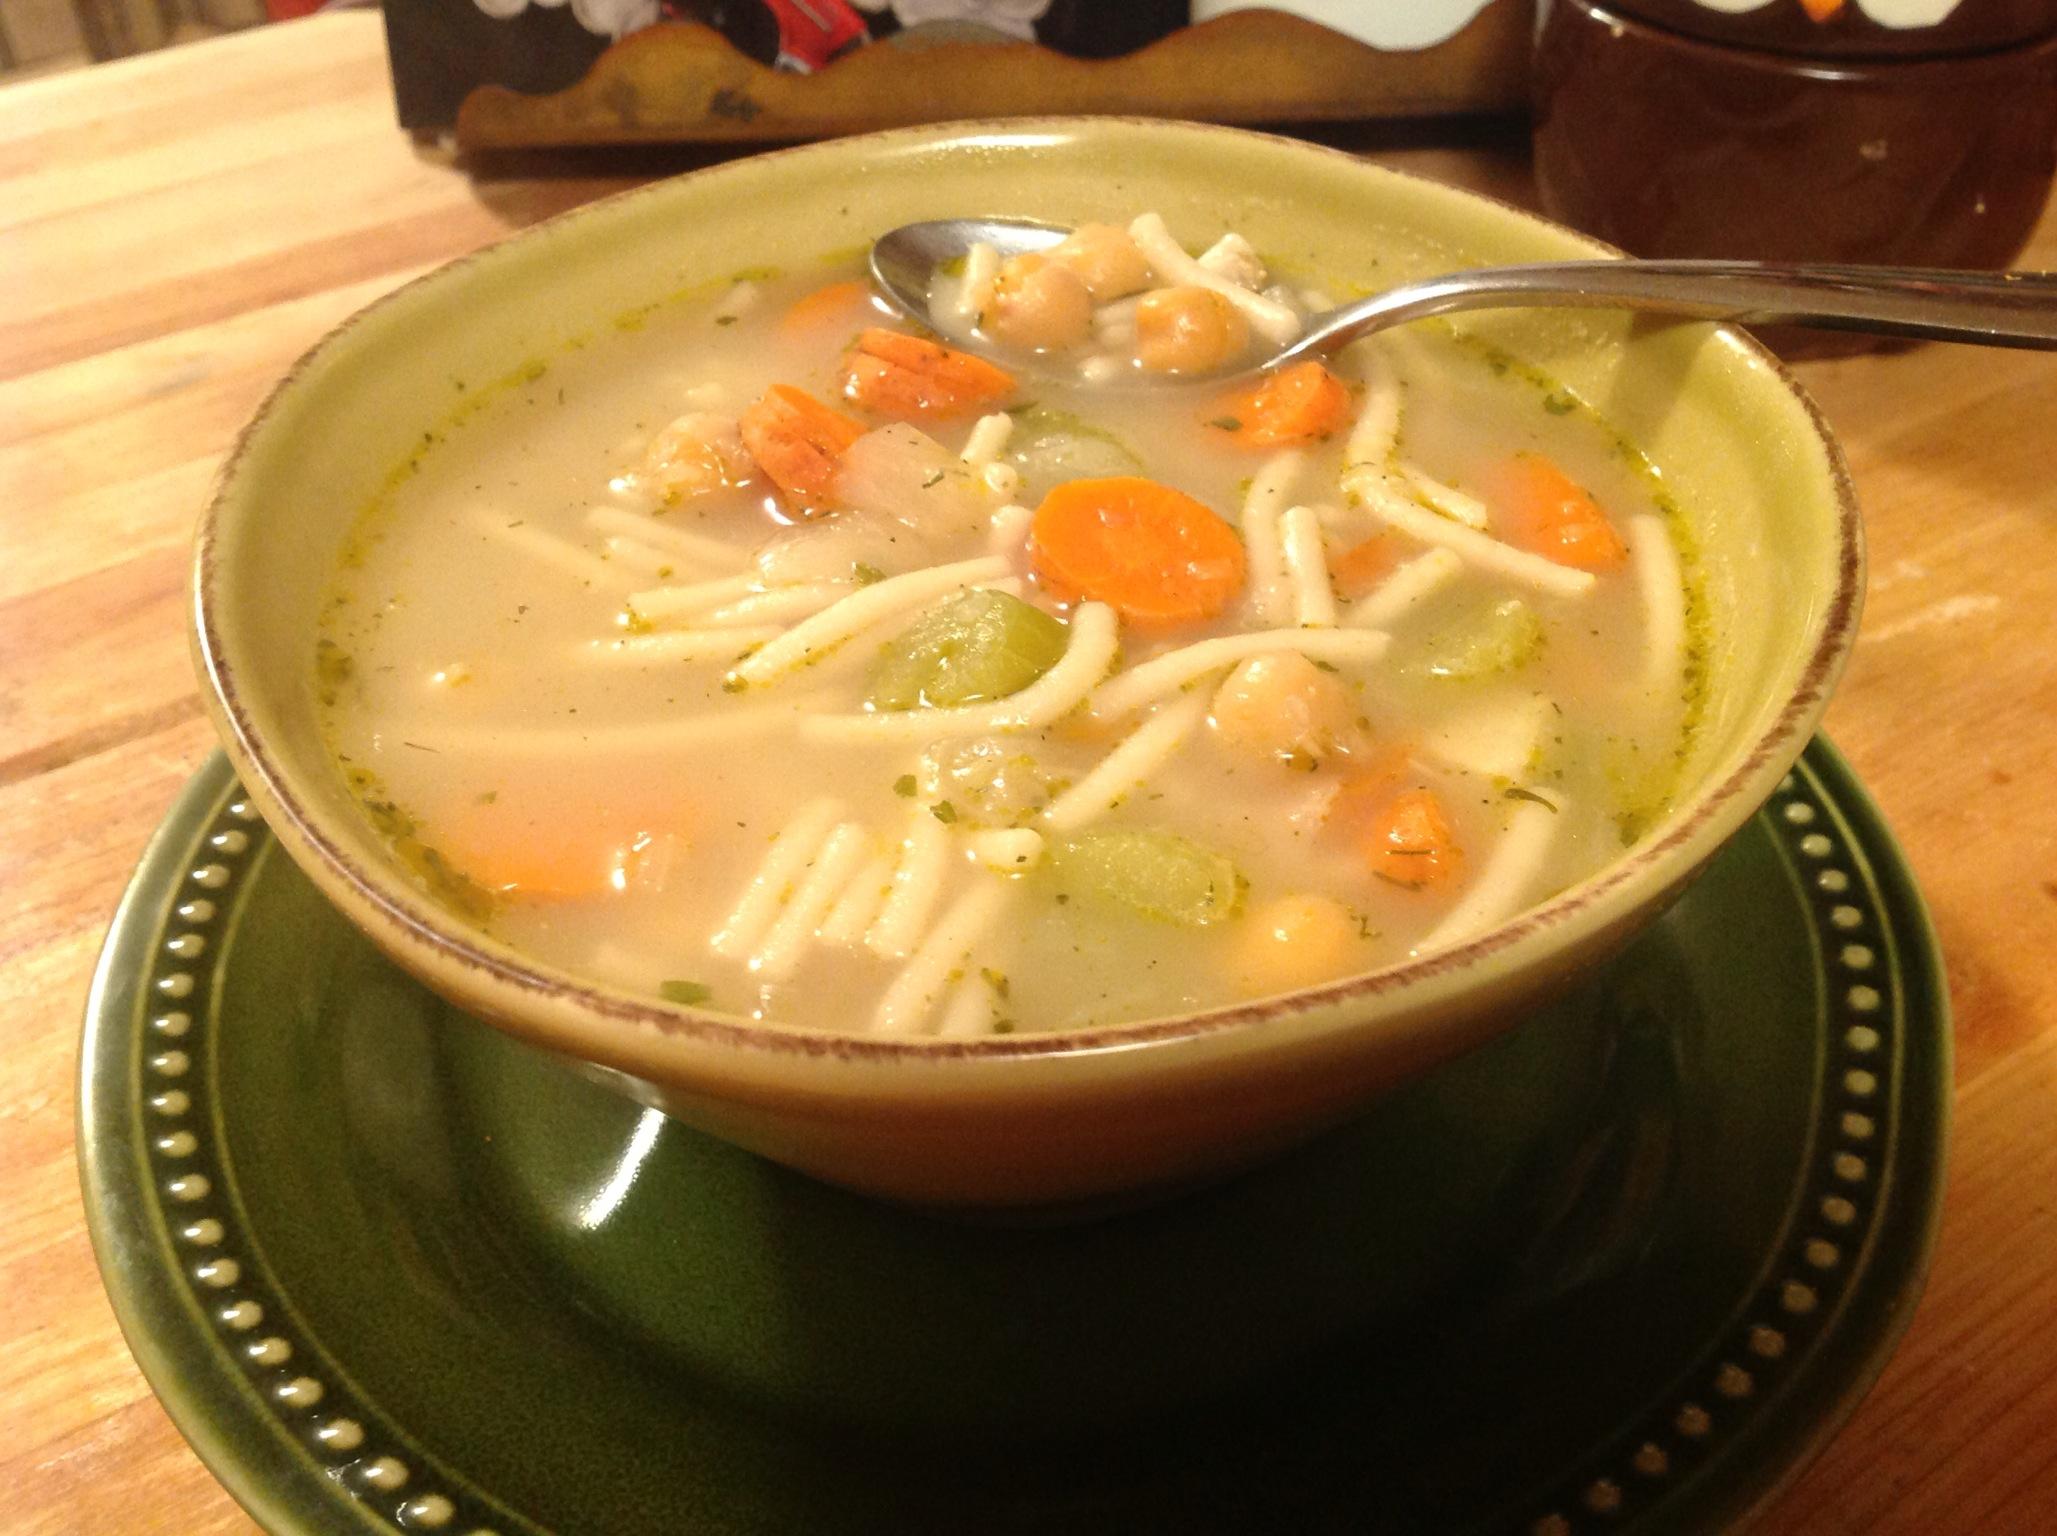 turkey noodle soup seitan ch eitan noodle soup noodles img 1436 seitan ...